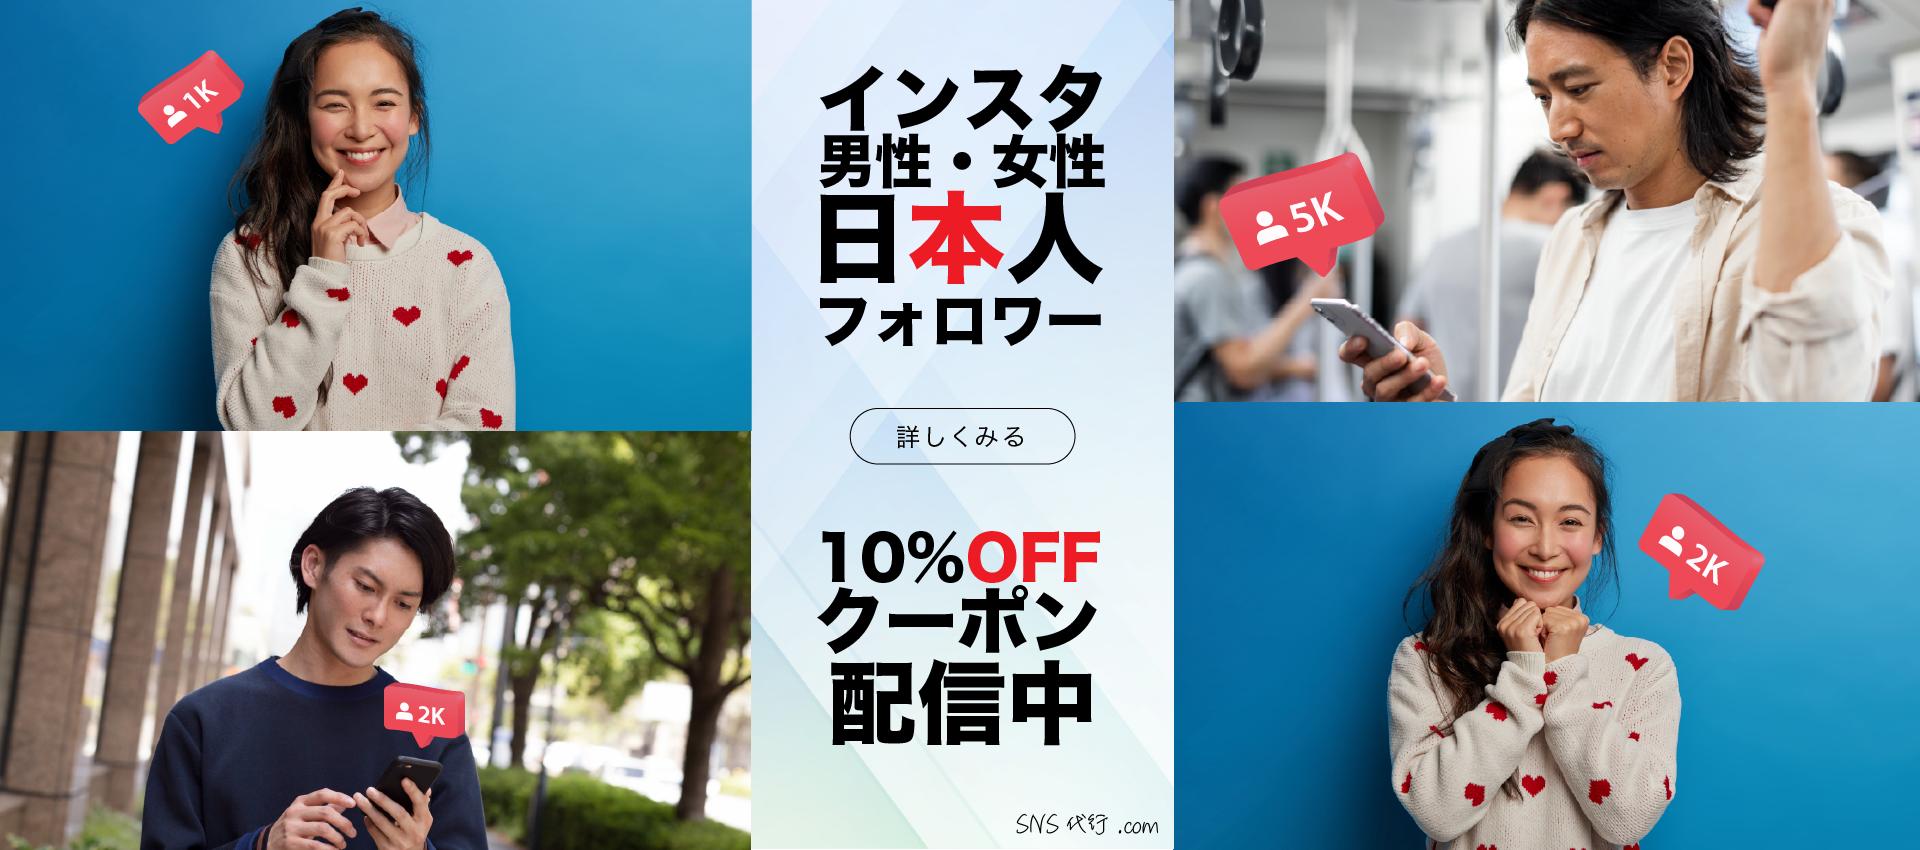 9月 日本人男性・女性フォロワークーポン